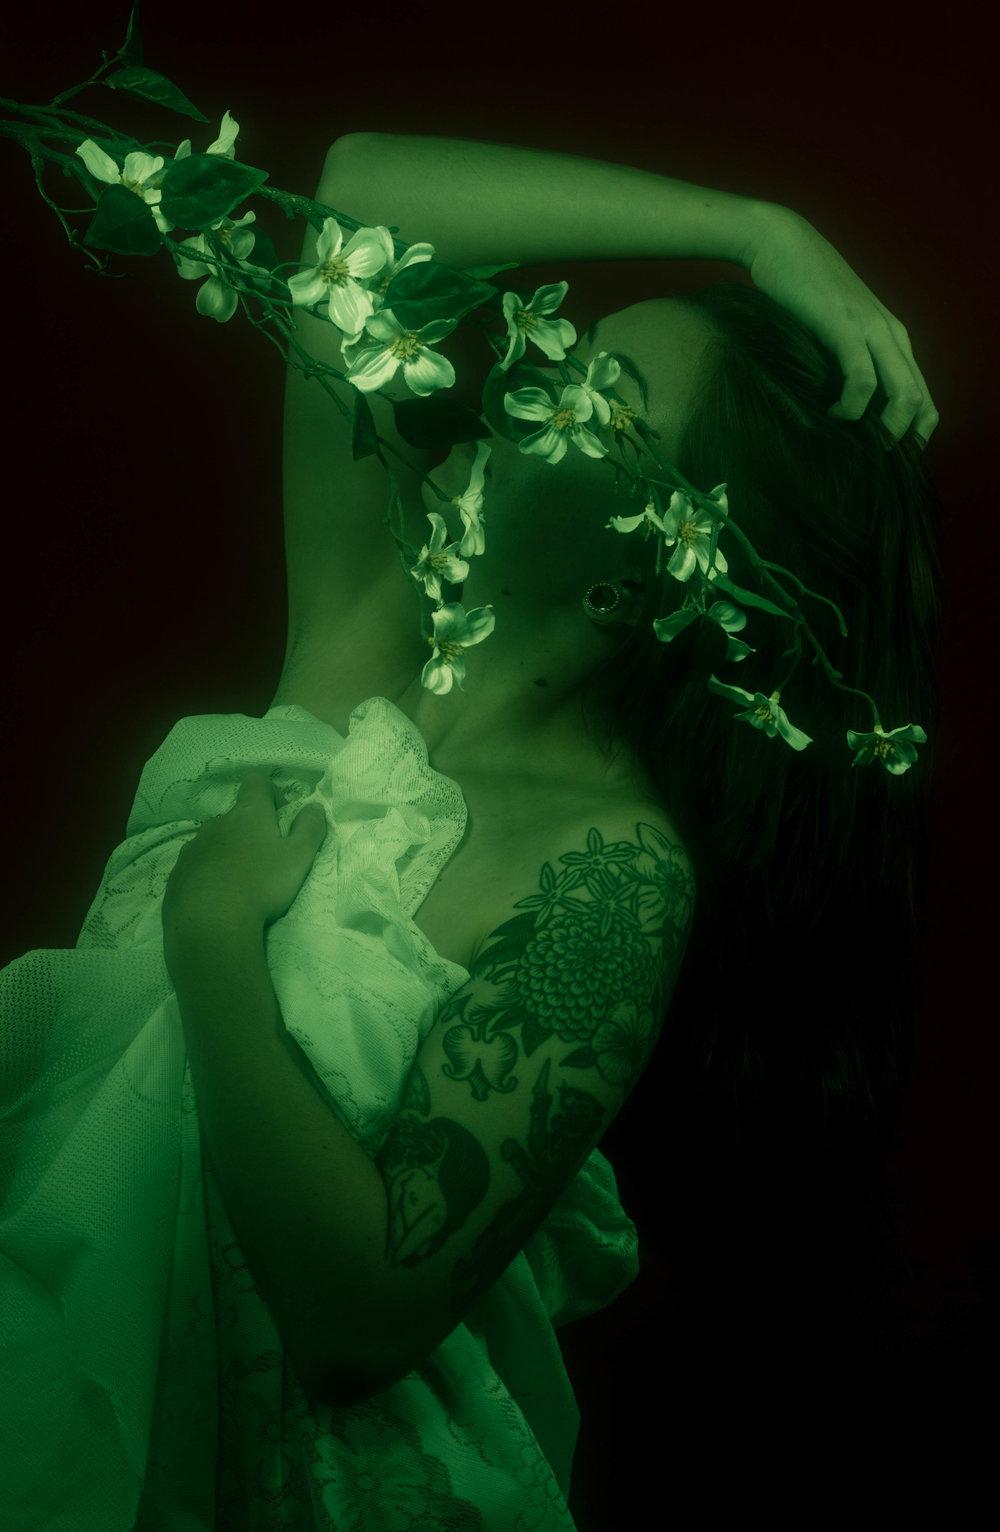 green flower girl.jpg